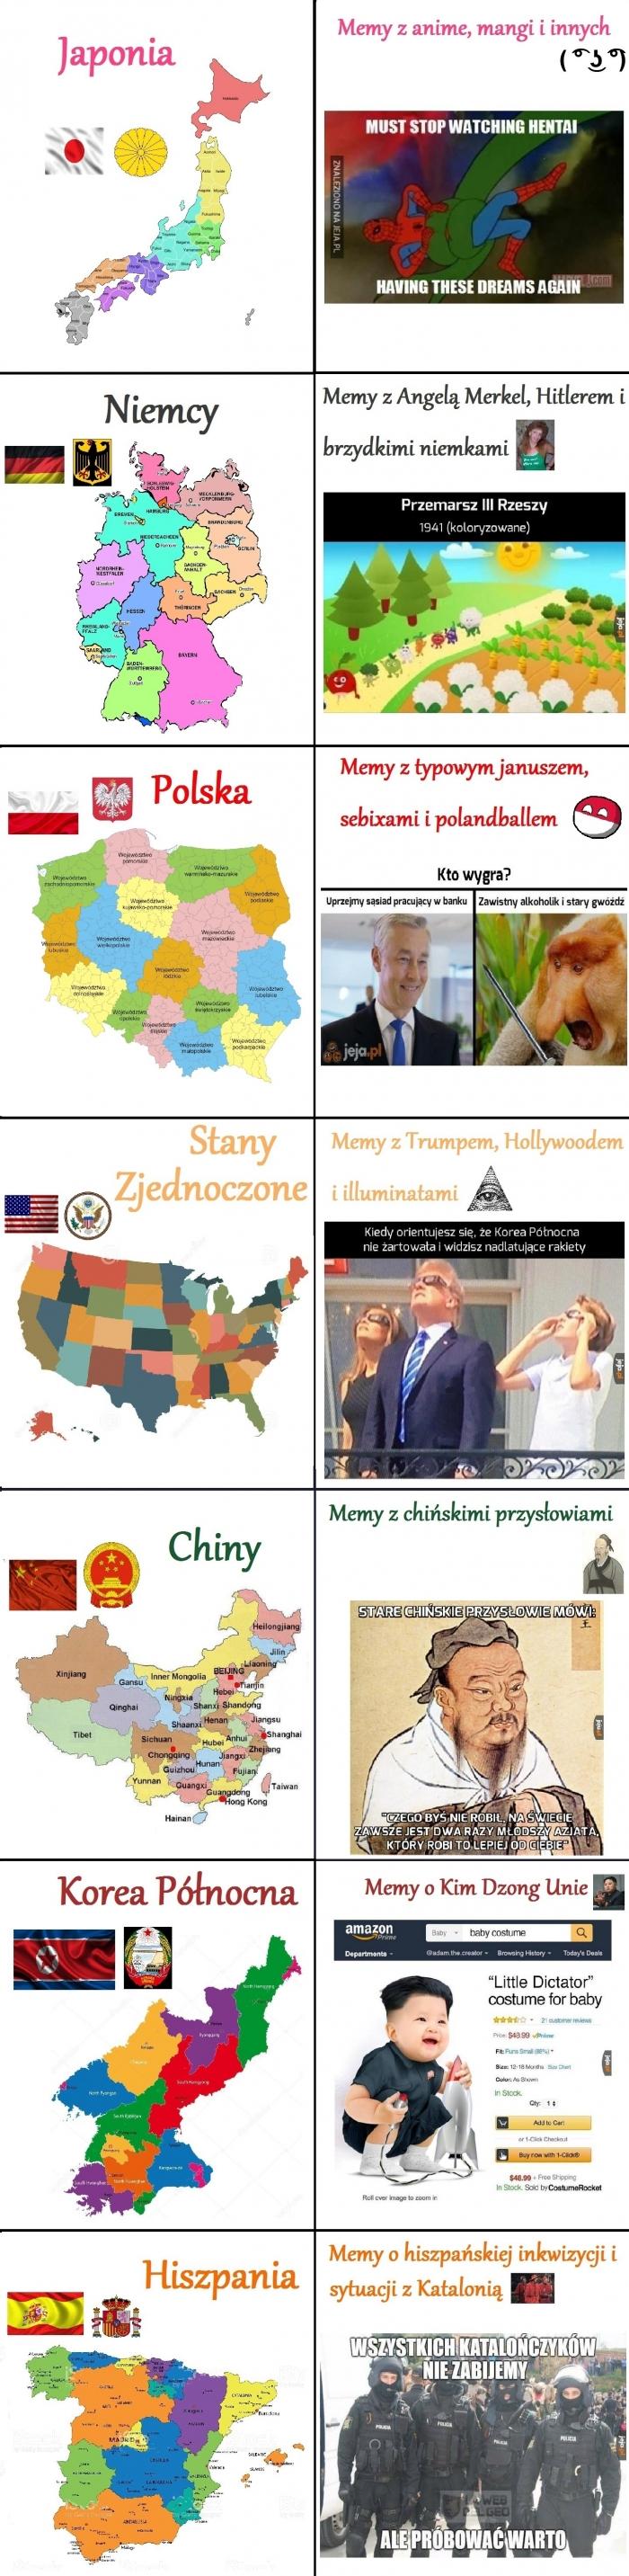 Memy o państwach